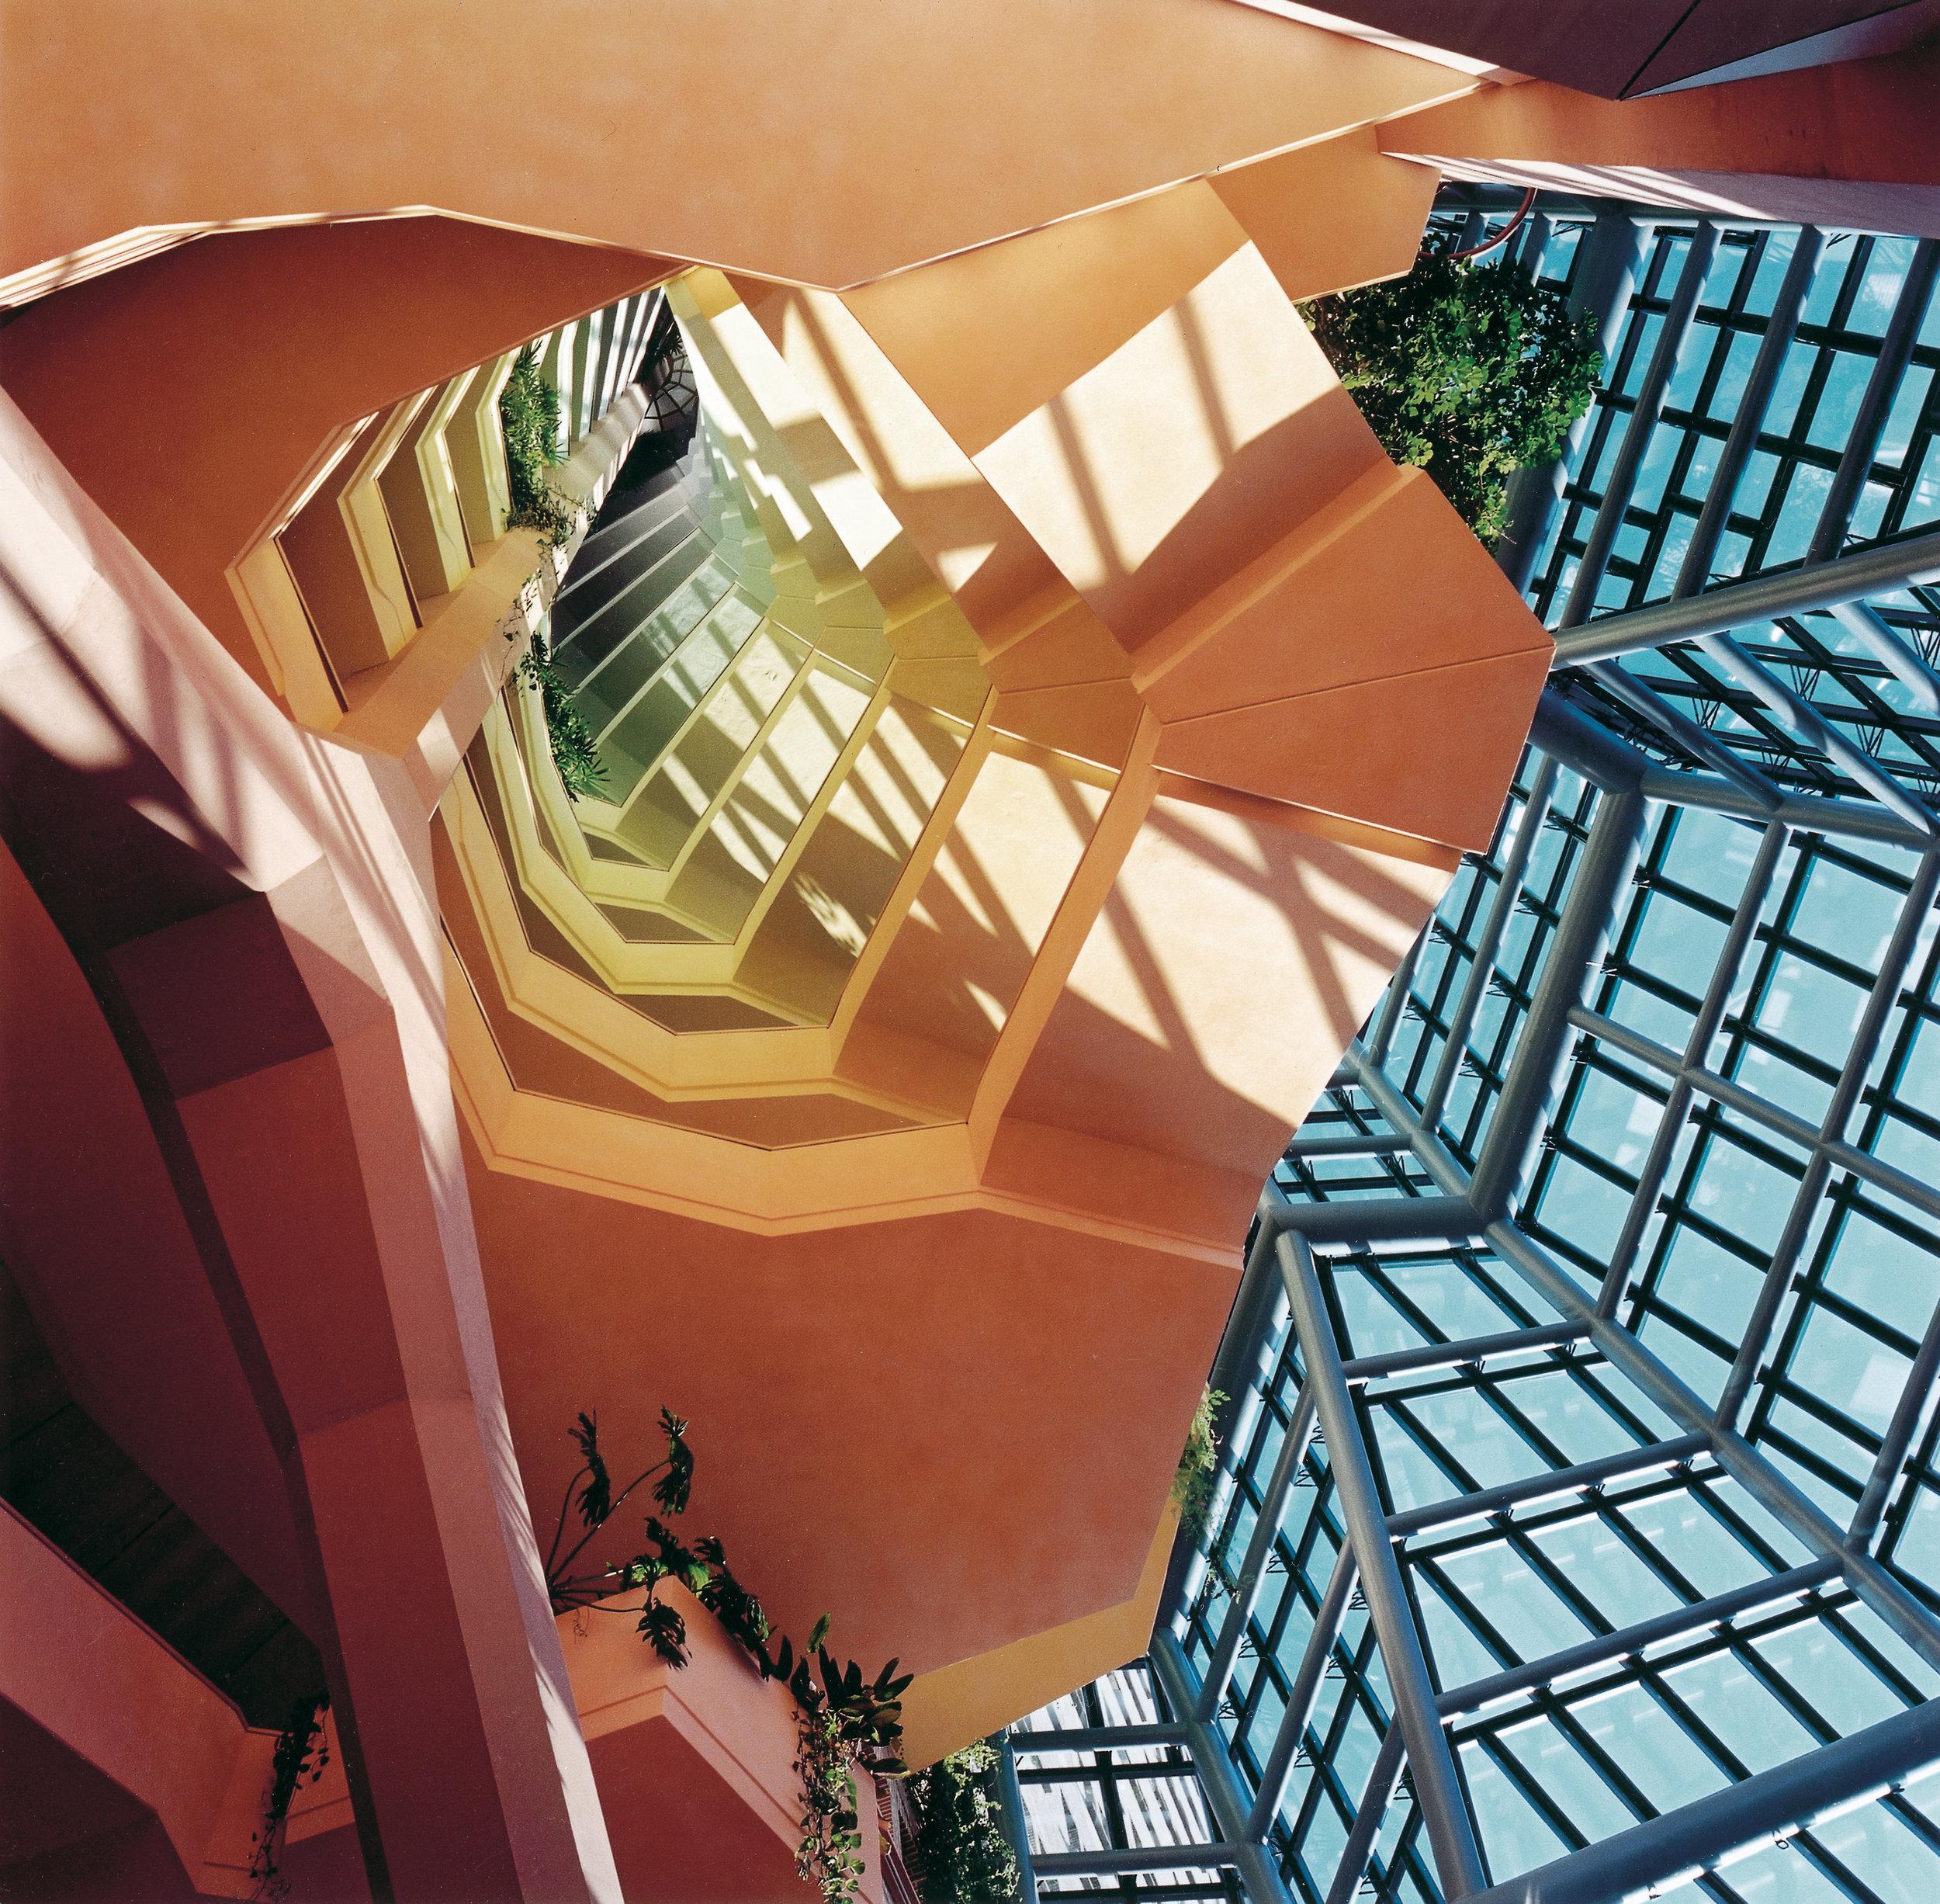 TRAPPENHUIS GASUNIE, ALBERT & VAN HUUT, GRONINGEN, NETHERLANDS, 1994. PHOTO: PIETER VAN DER REE